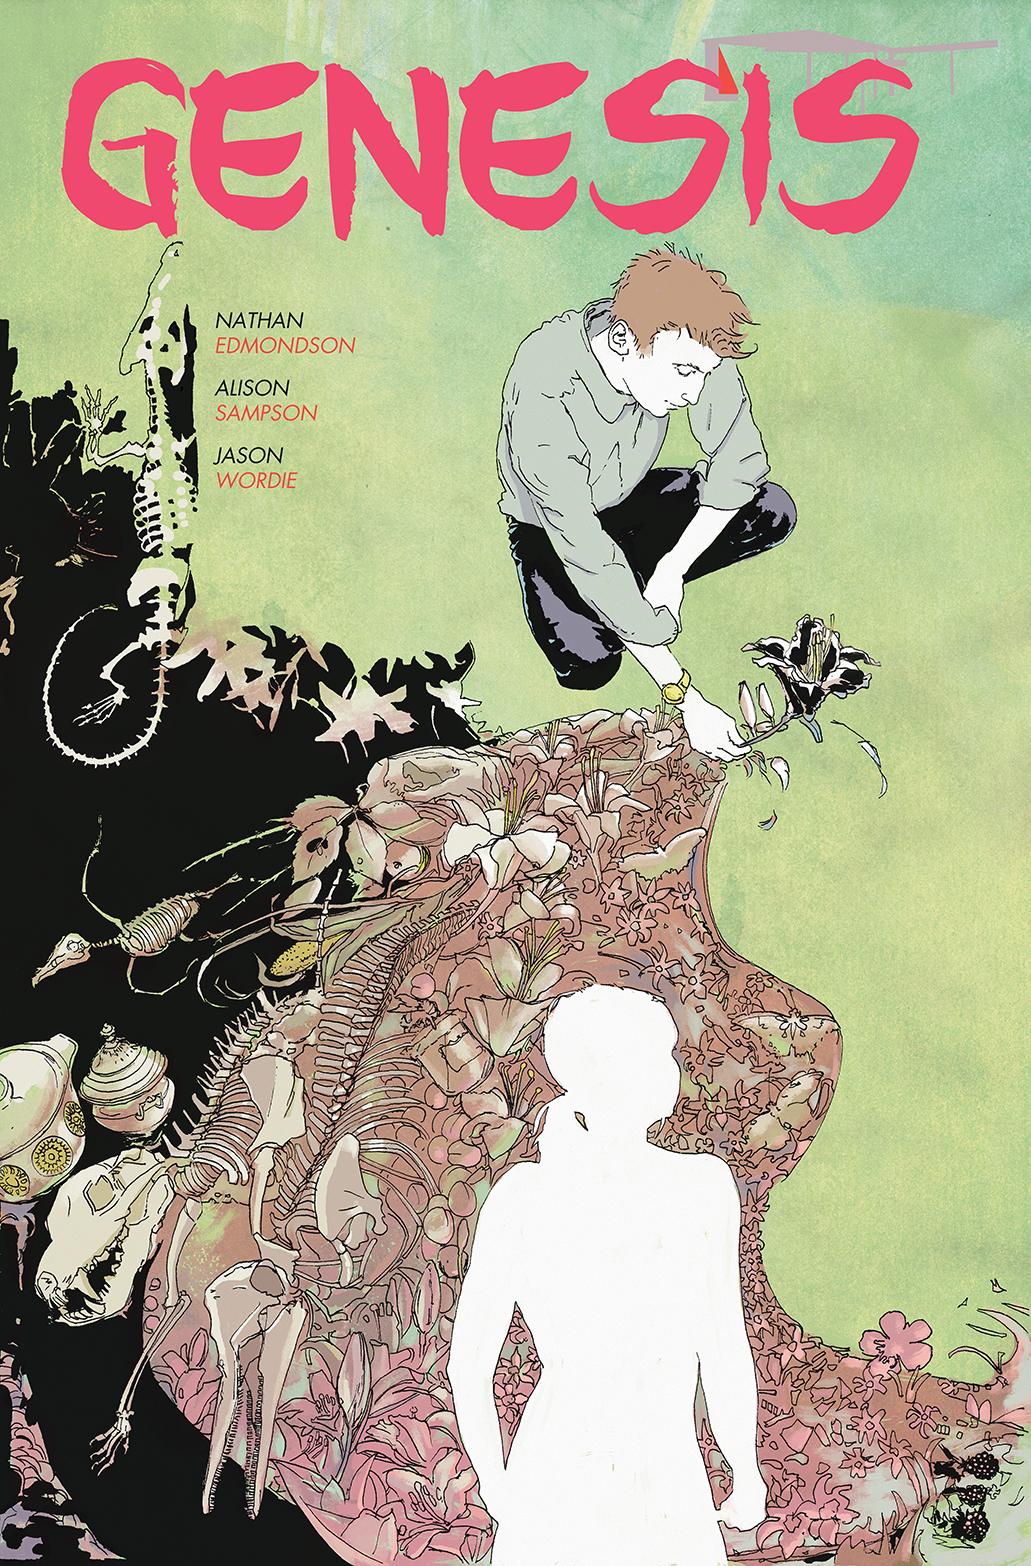 GENESIS_COVER_150